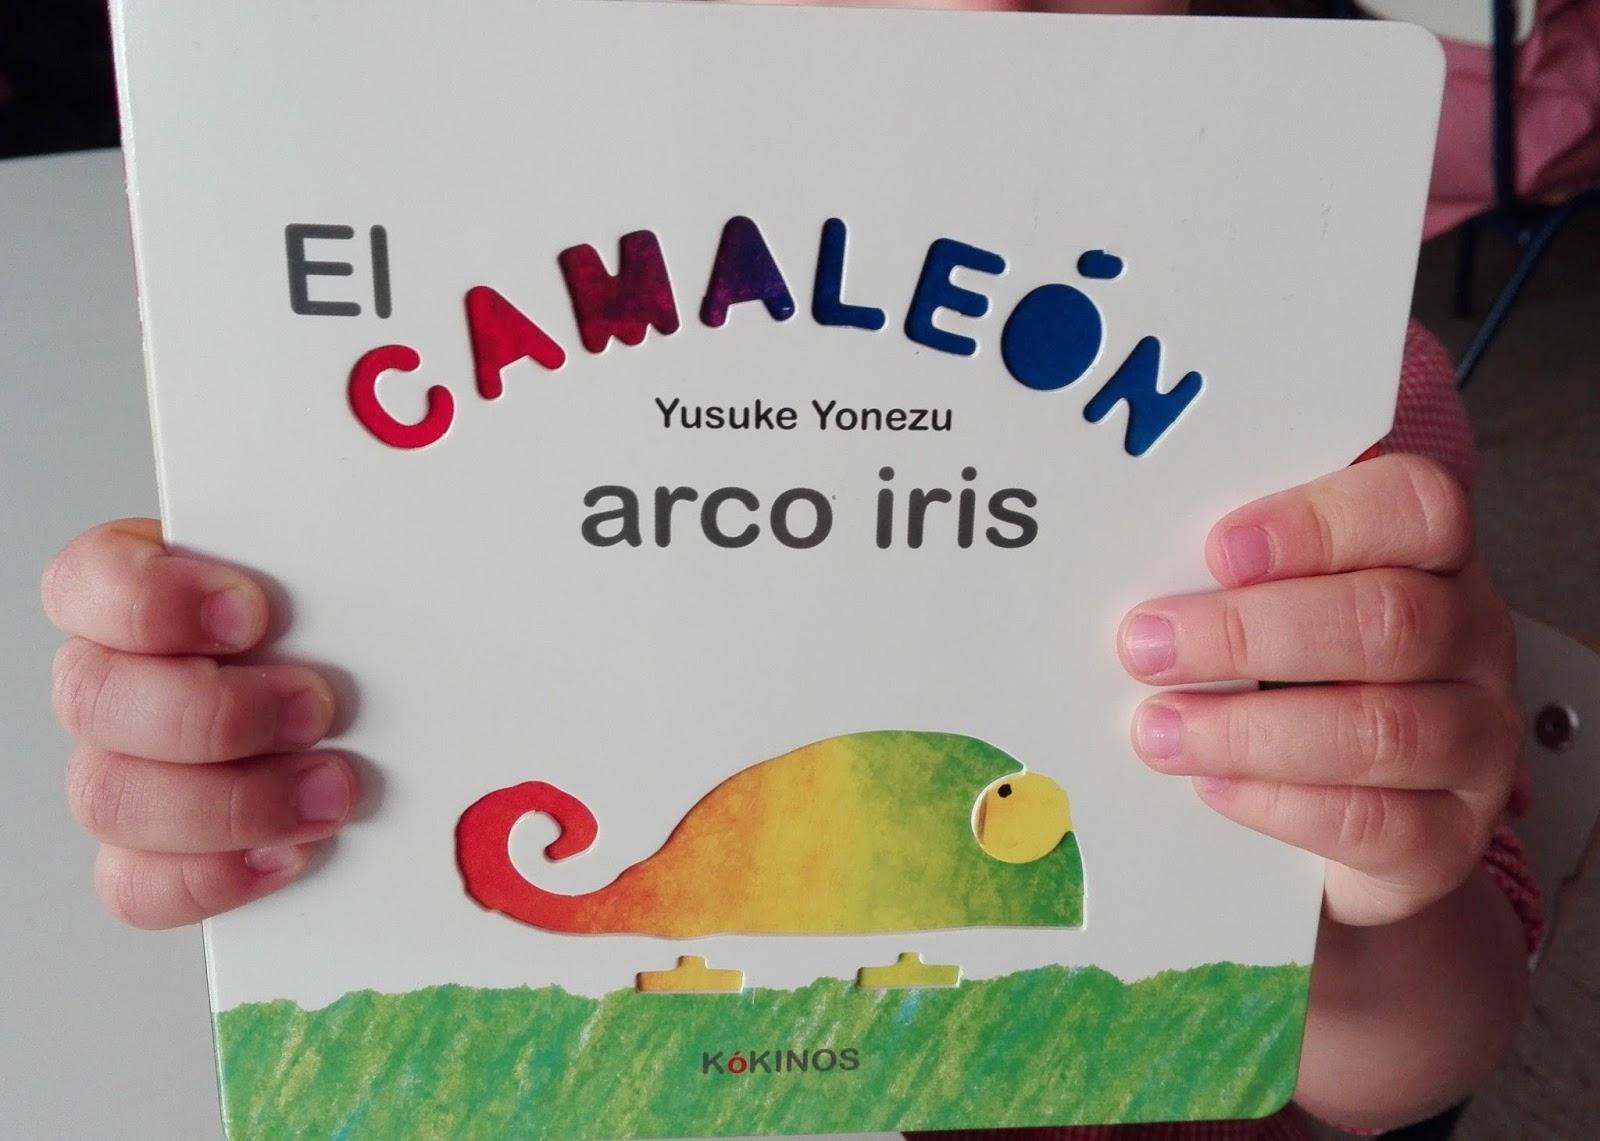 Pintando sonrisas de colores: El camaleón arco iris. Yusuke Yonezu ...